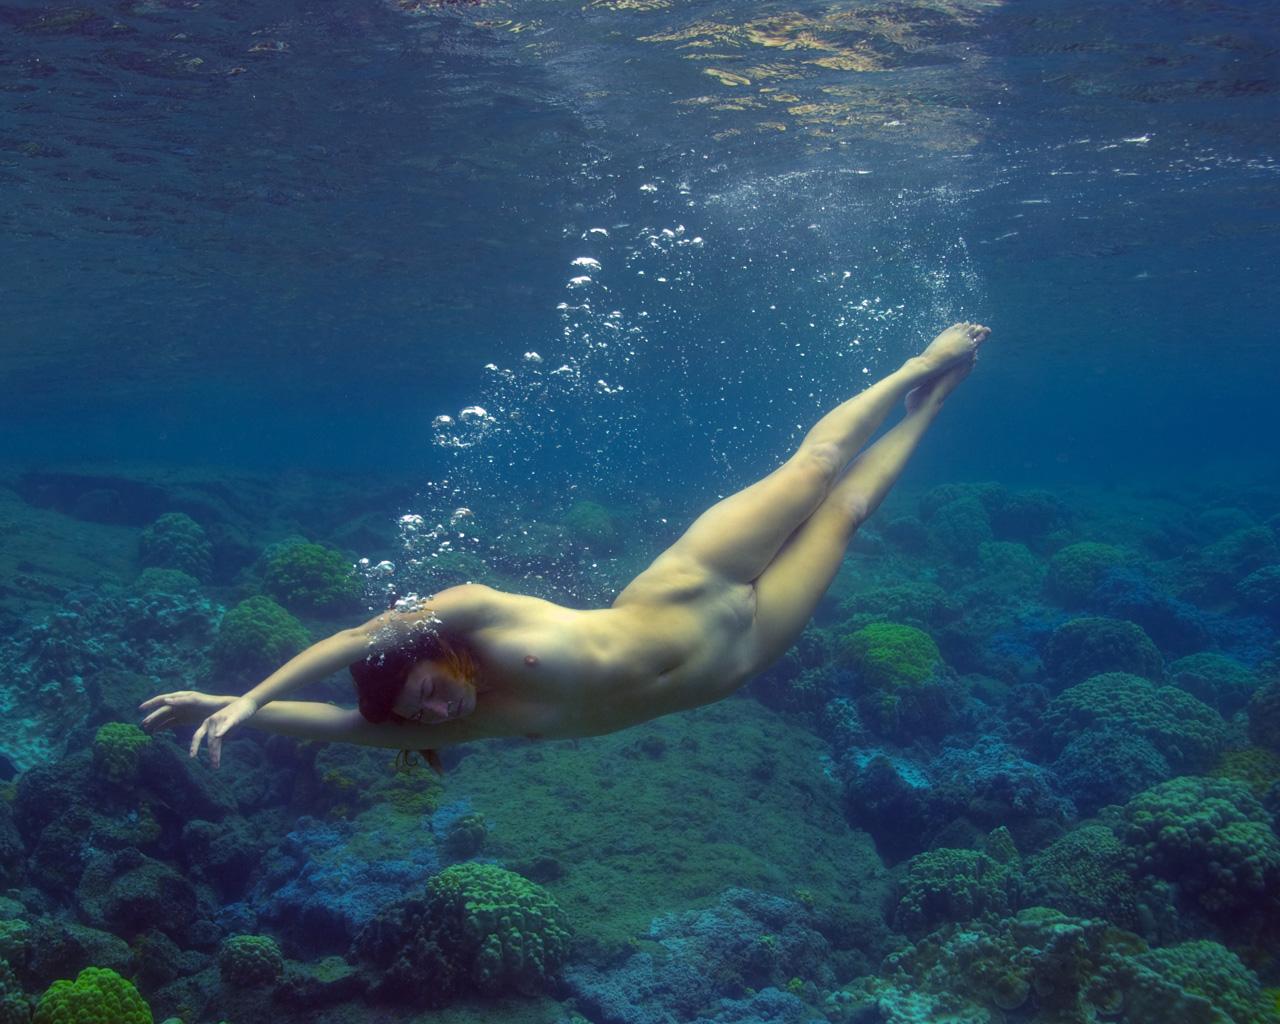 Underwater nudes david essex